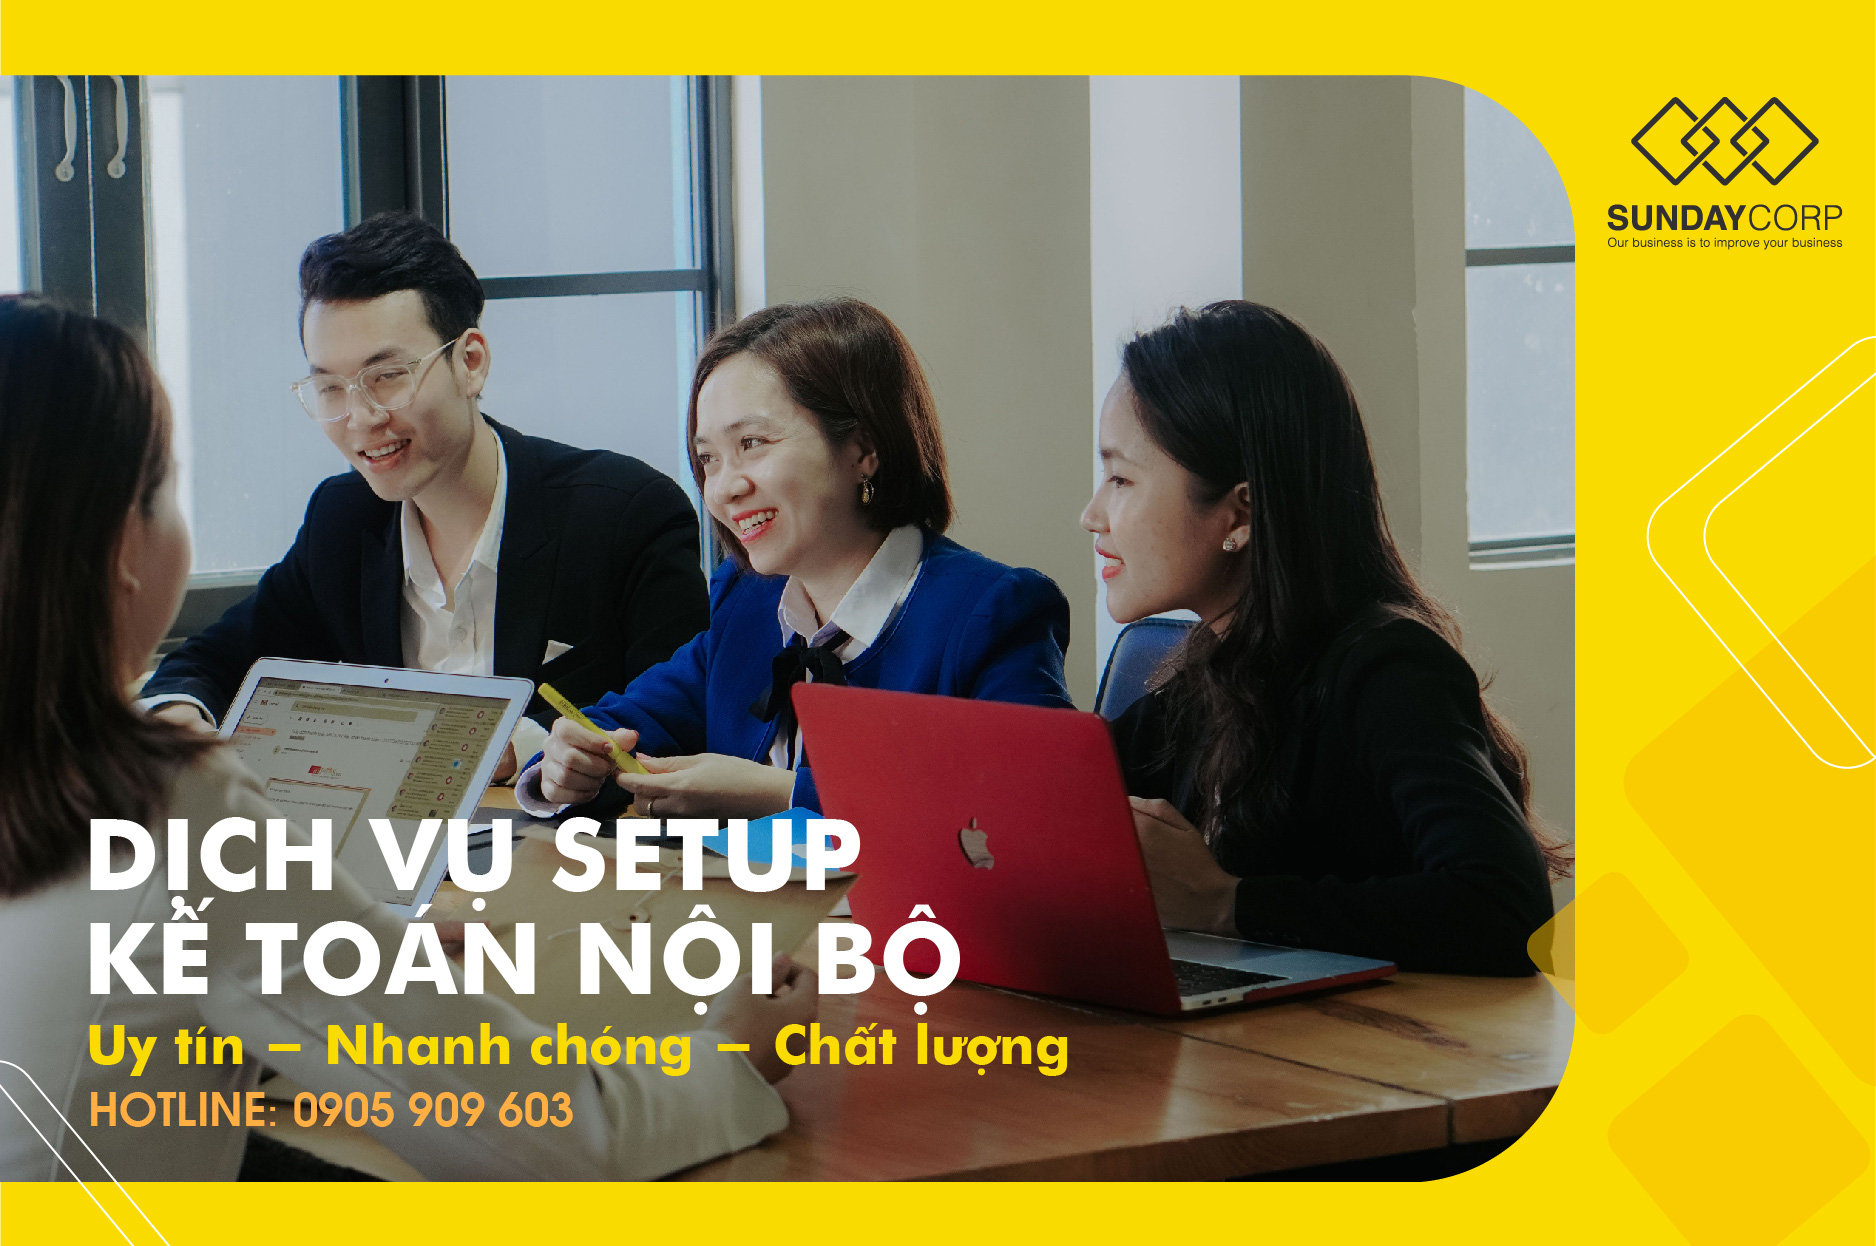 Dịch vụ setup kế toán nội bộ Đà Nẵng 1 - Sunday Corp